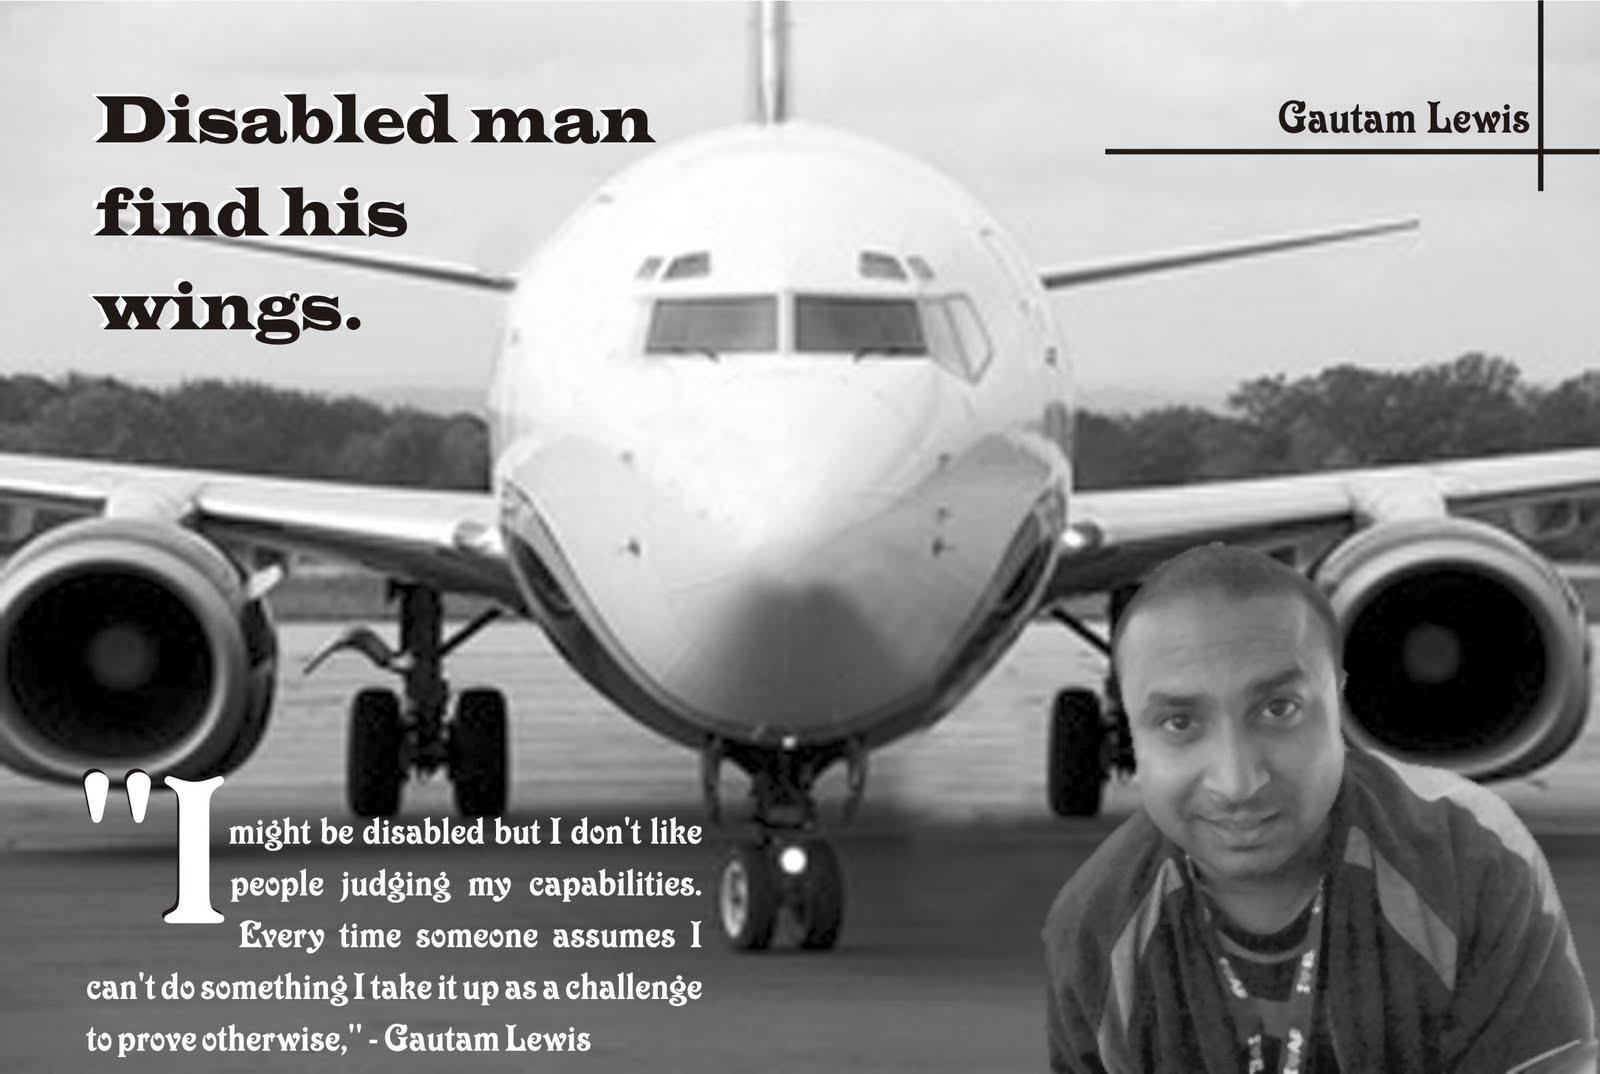 http://3.bp.blogspot.com/_QdzO4z8zux0/S7LNH_P3bwI/AAAAAAAAALc/v1DBaD_V2lw/s1600/Disabled+man.jpg